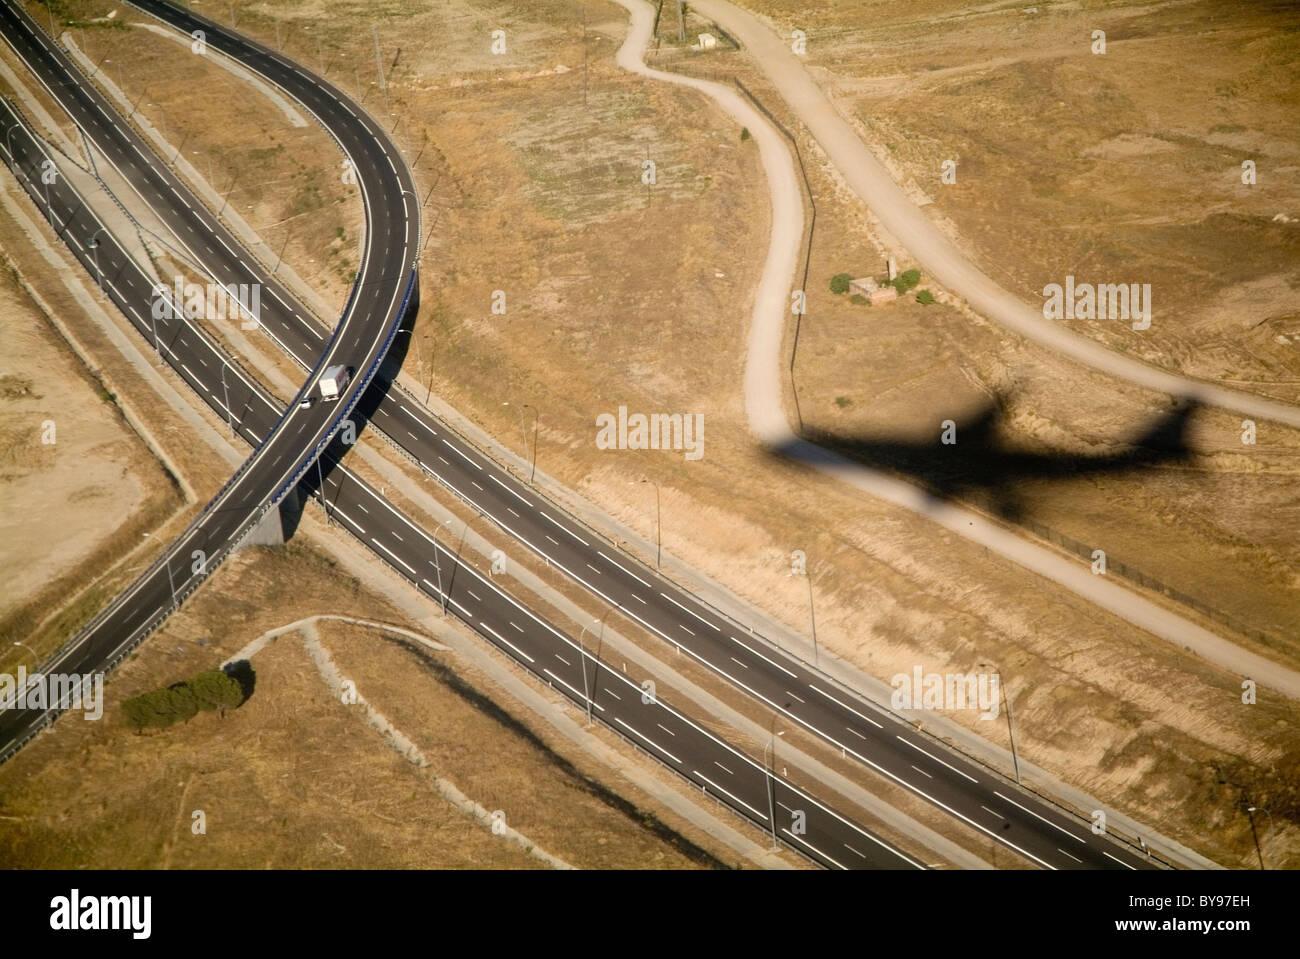 Forme di viaggio o di viaggio concetto - ombra di un aereo in volo su una grande autostrada, superstrada, autostrada Immagini Stock